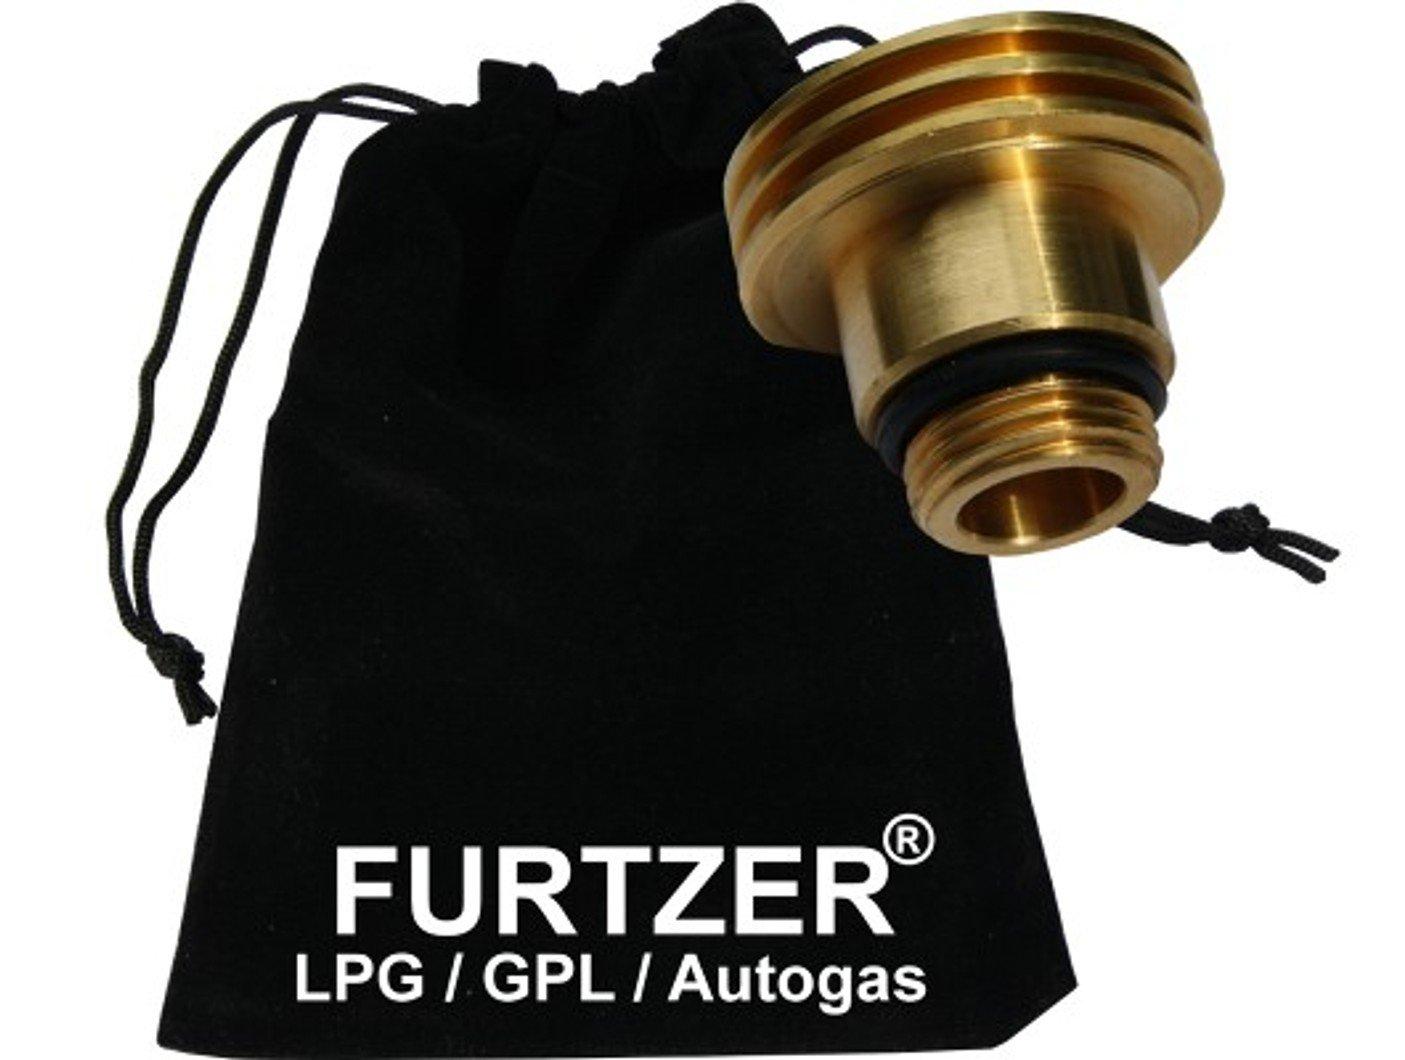 Furtzer® LPG GPL Autogas adaptateur de réservoir M22 (1 3/4 X W21.8) ACME version courte (environ 35mm.) avec sac en tissu Furtzer®